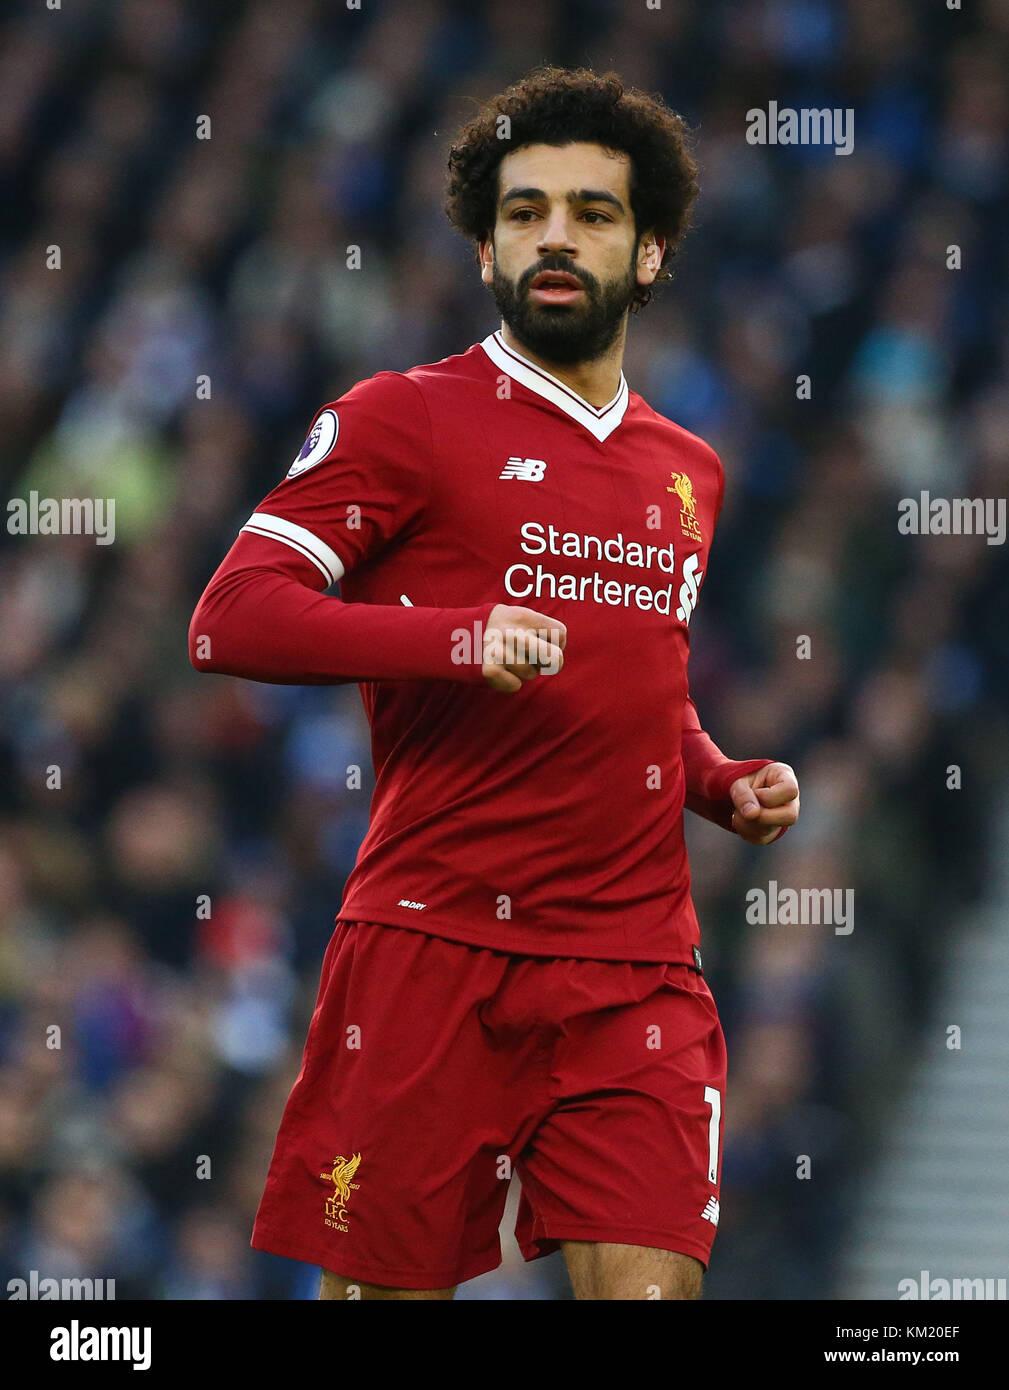 Mohamed Salah Stock Photos & Mohamed Salah Stock Images ...